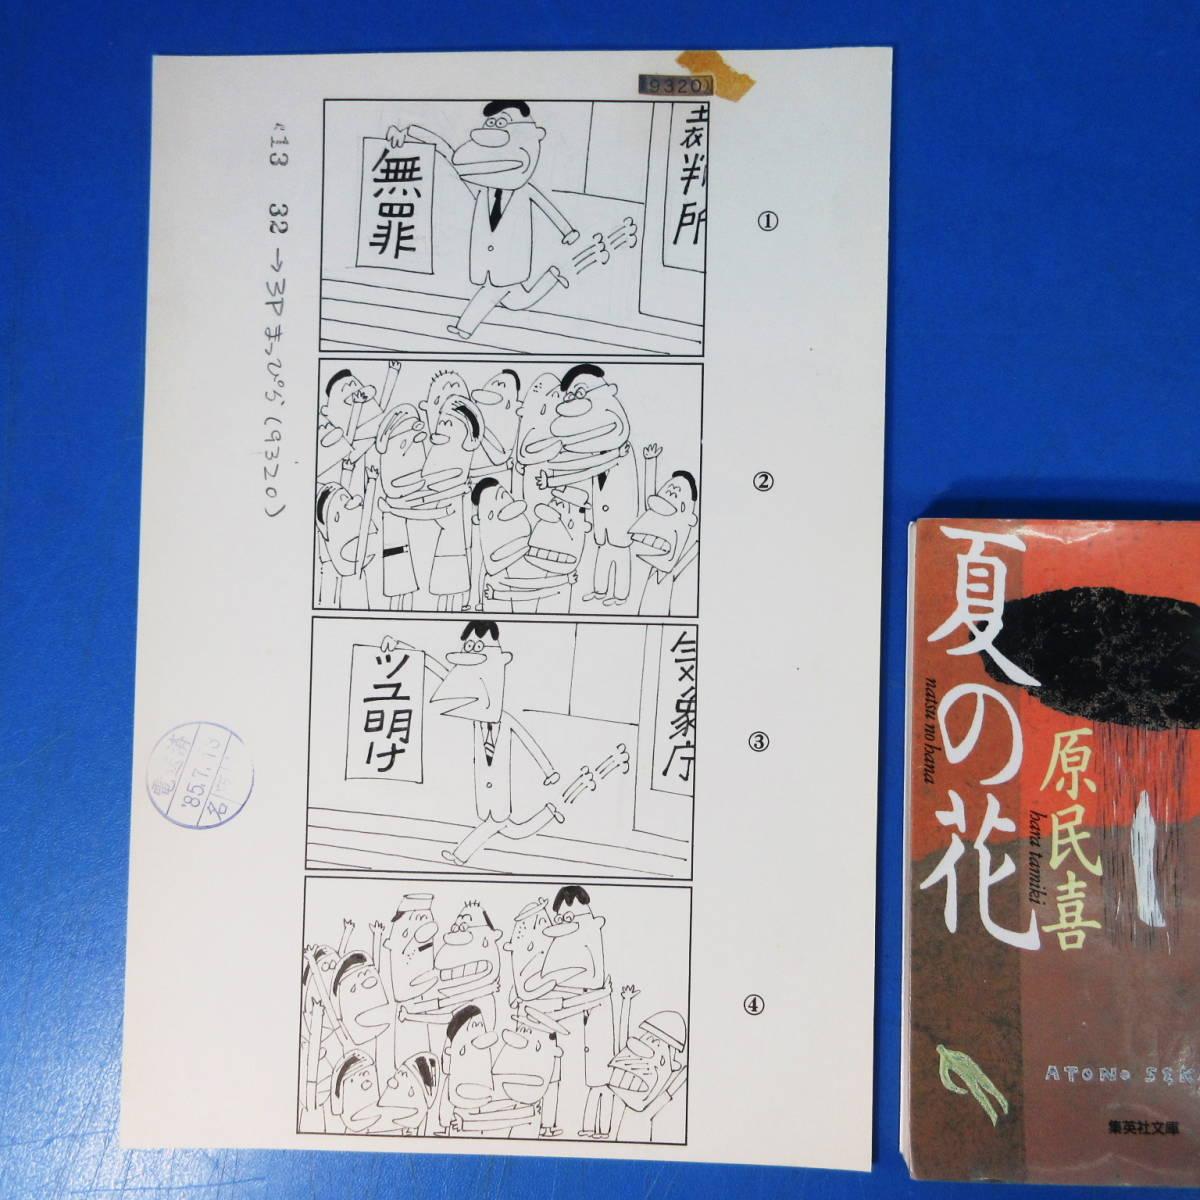 中古】「加藤芳郎肉筆4コマ漫画原画3枚『まっぴら君 9320~9322』毎日 ...